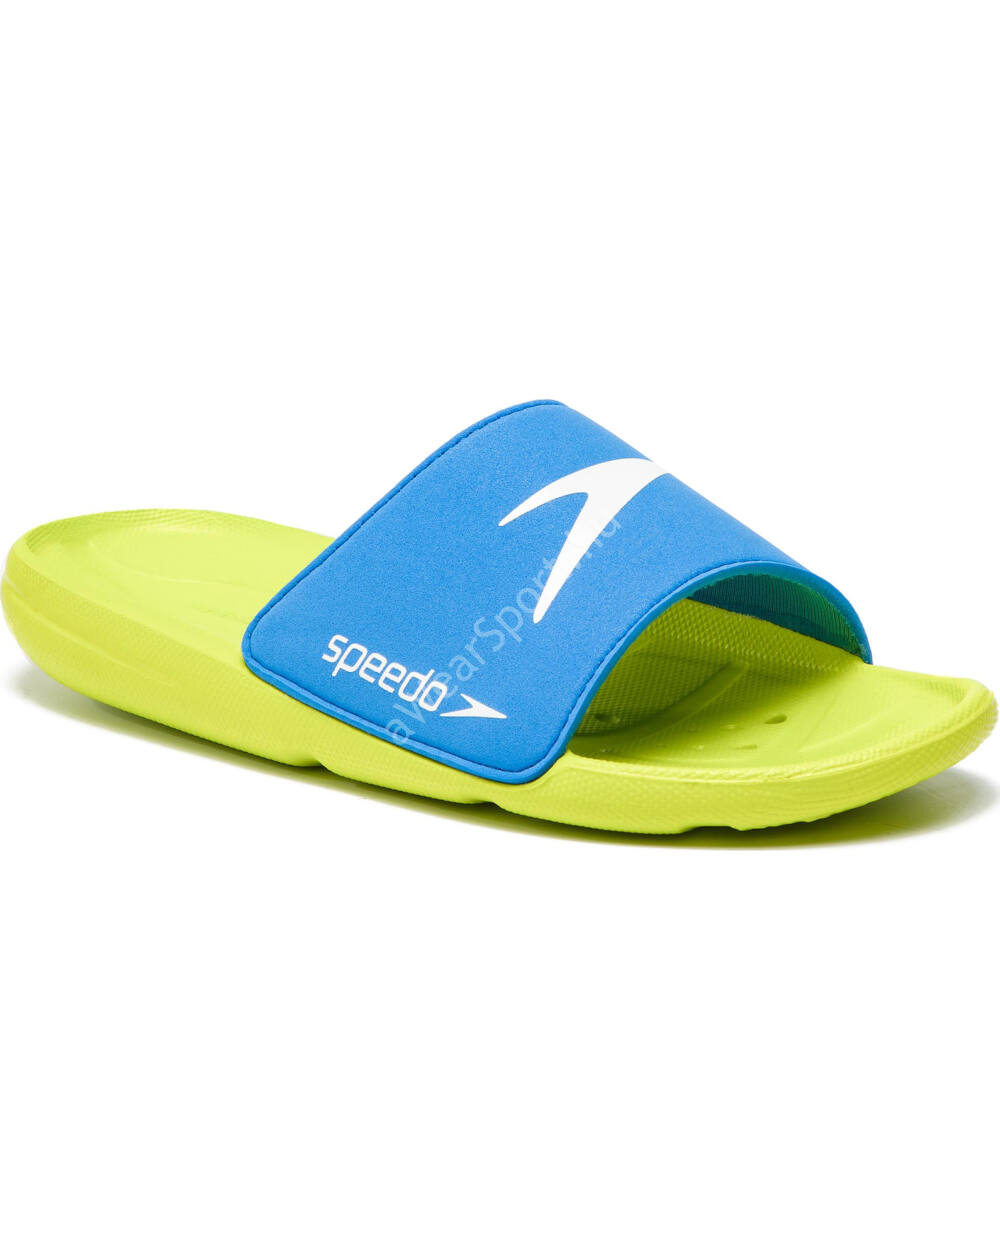 Speedo Atami Core Slide gyerek papucs, neonzöld-kék, 35.5